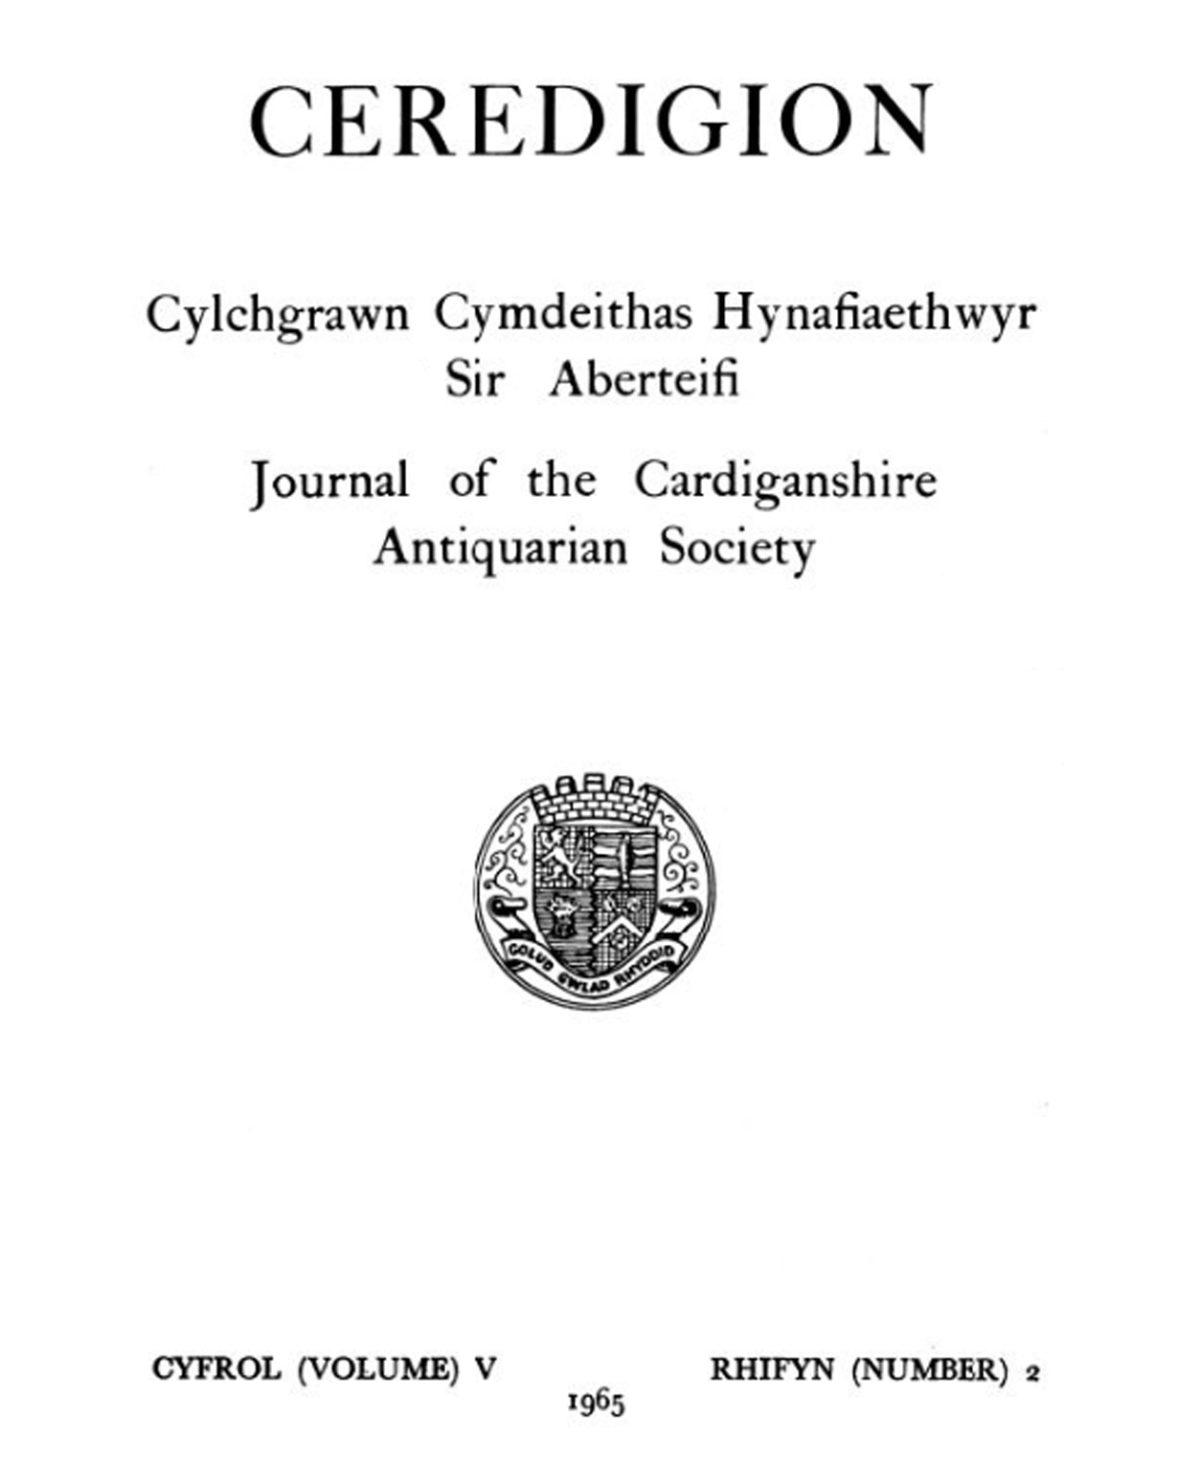 Ceredigion – Cylchgrawn Cymdeithas Hynafiaethwyr Sir Aberteifi, 1965 Cyfrol V Rhifyn 2